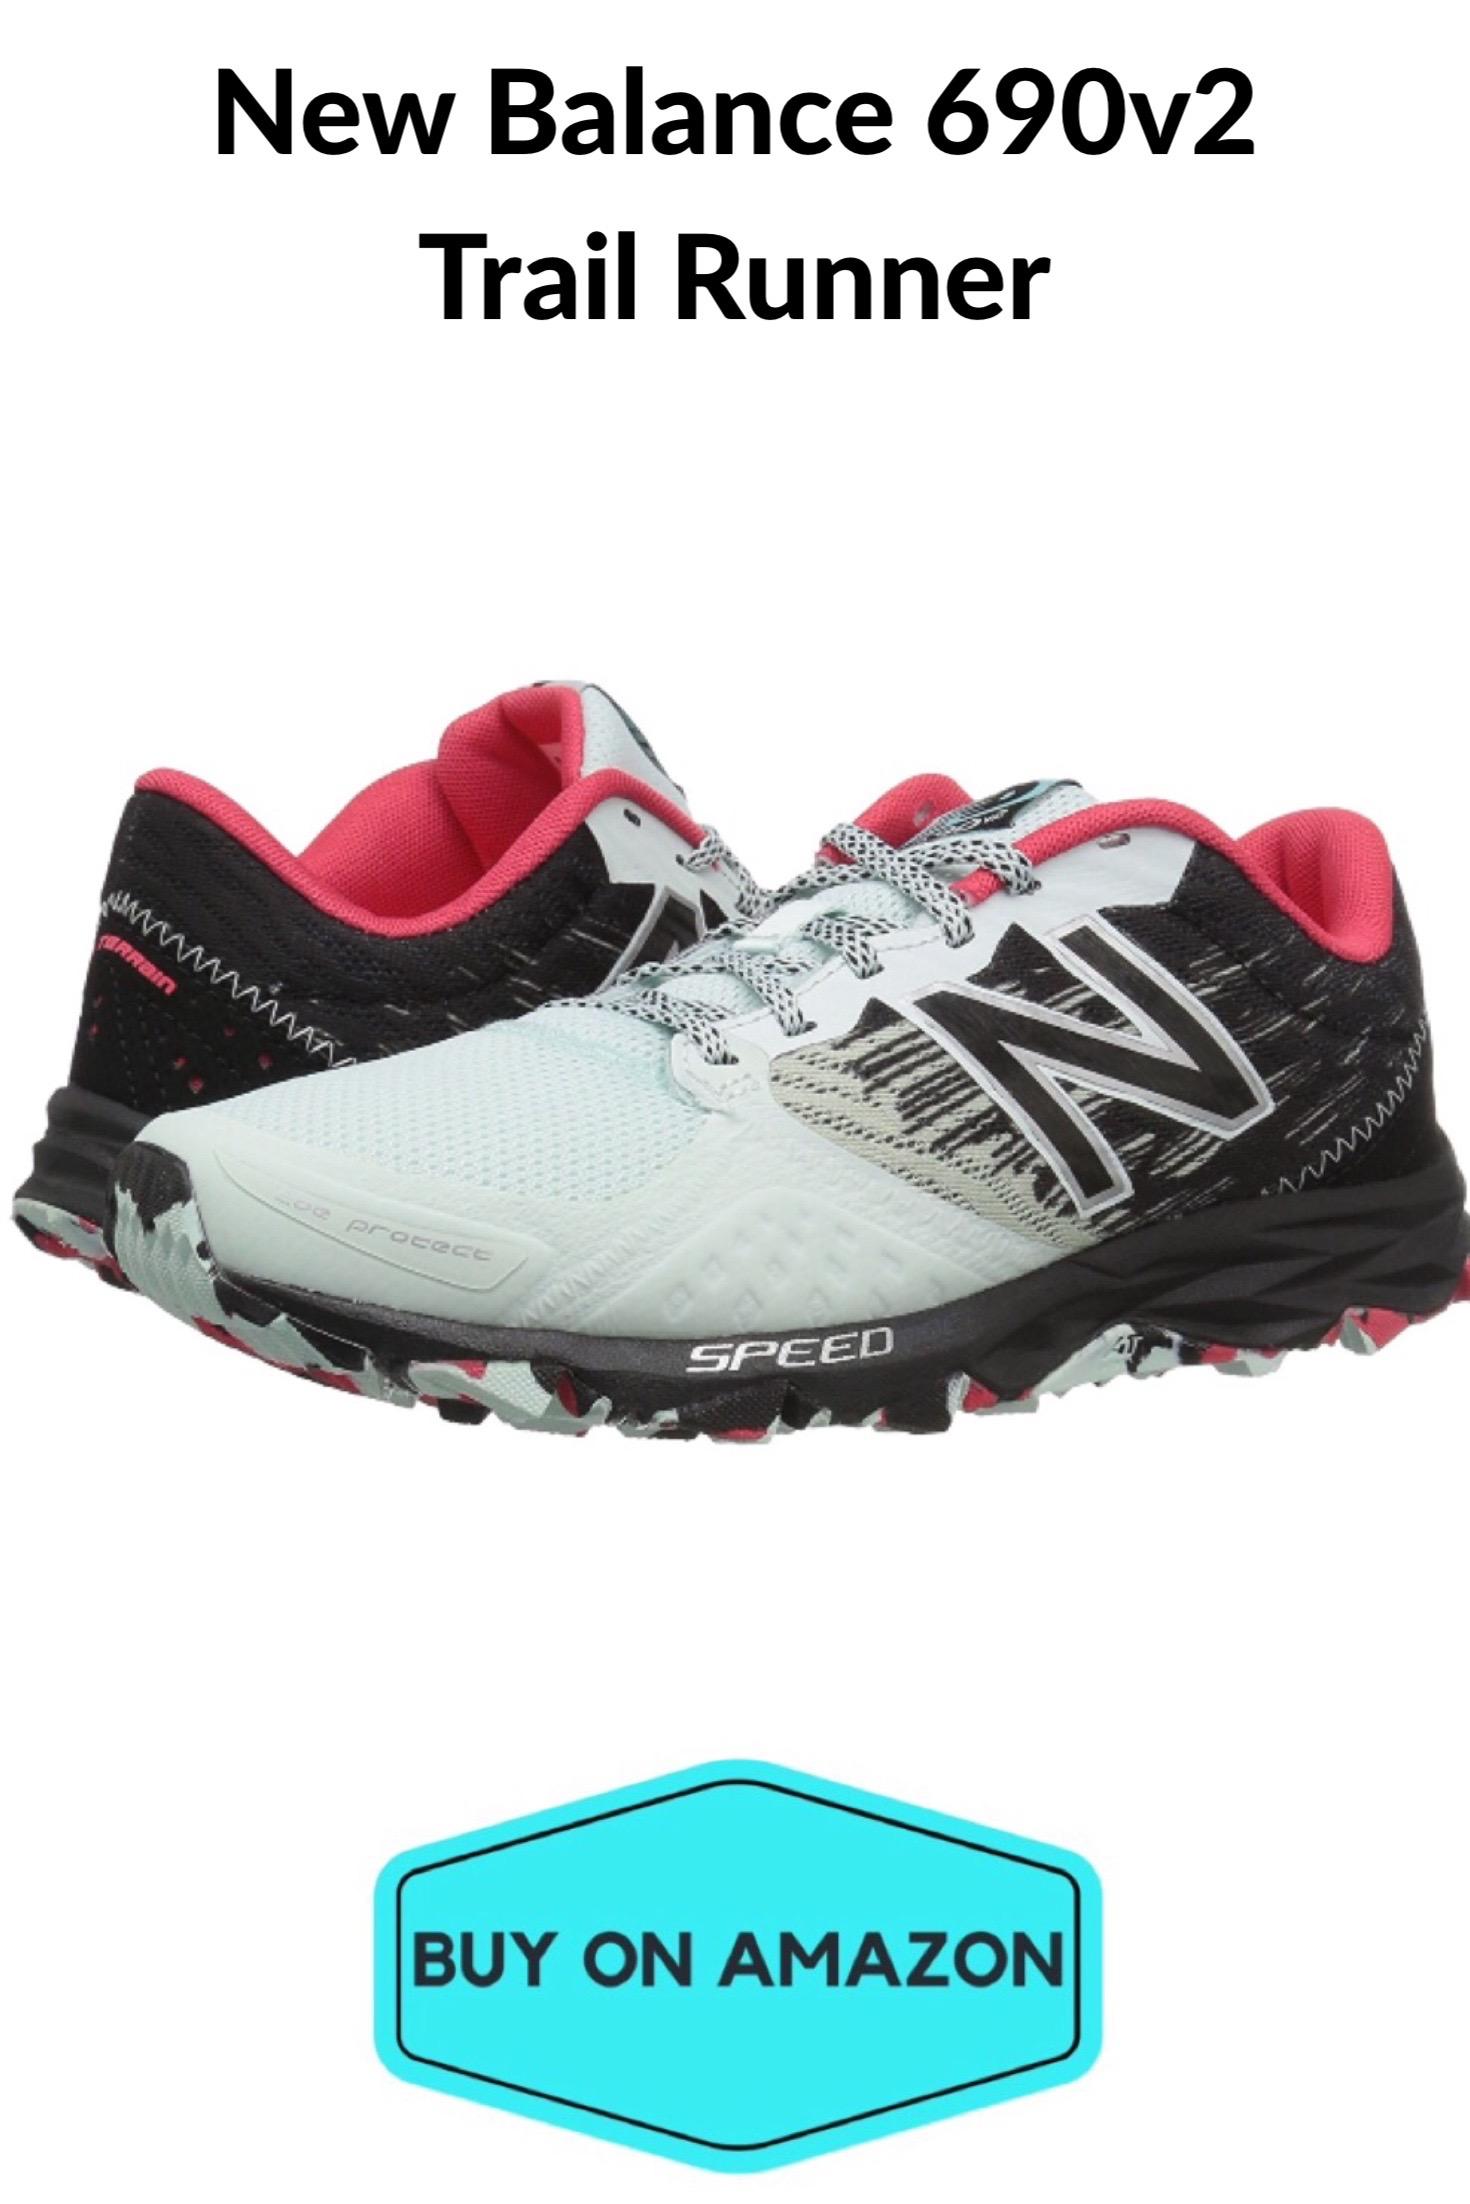 New Balance 690v2 Women's Trail Runner